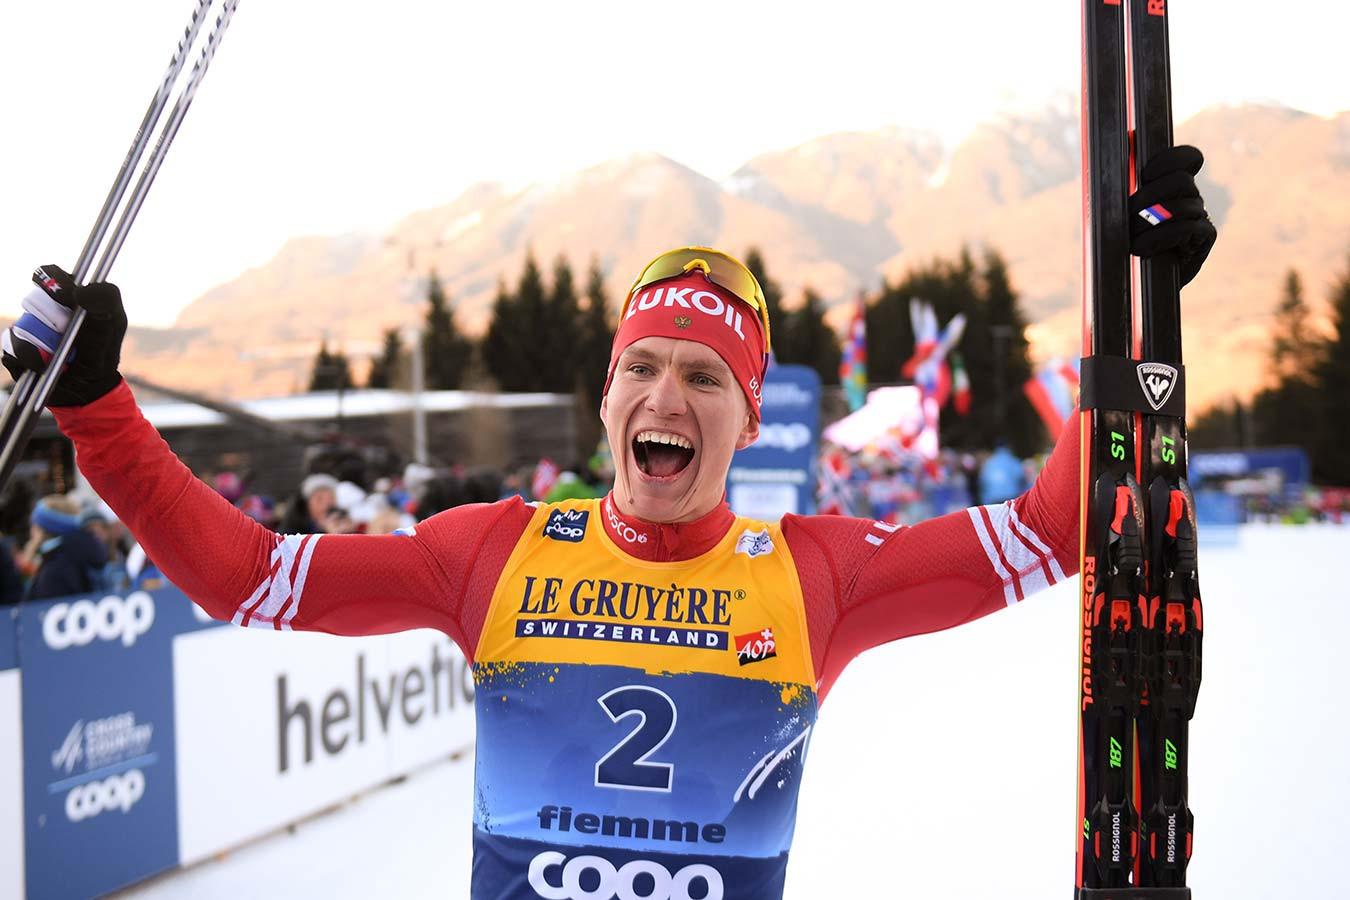 Команда Александра Большунова победила в спринте на чемпионате России по лыжным гонкам